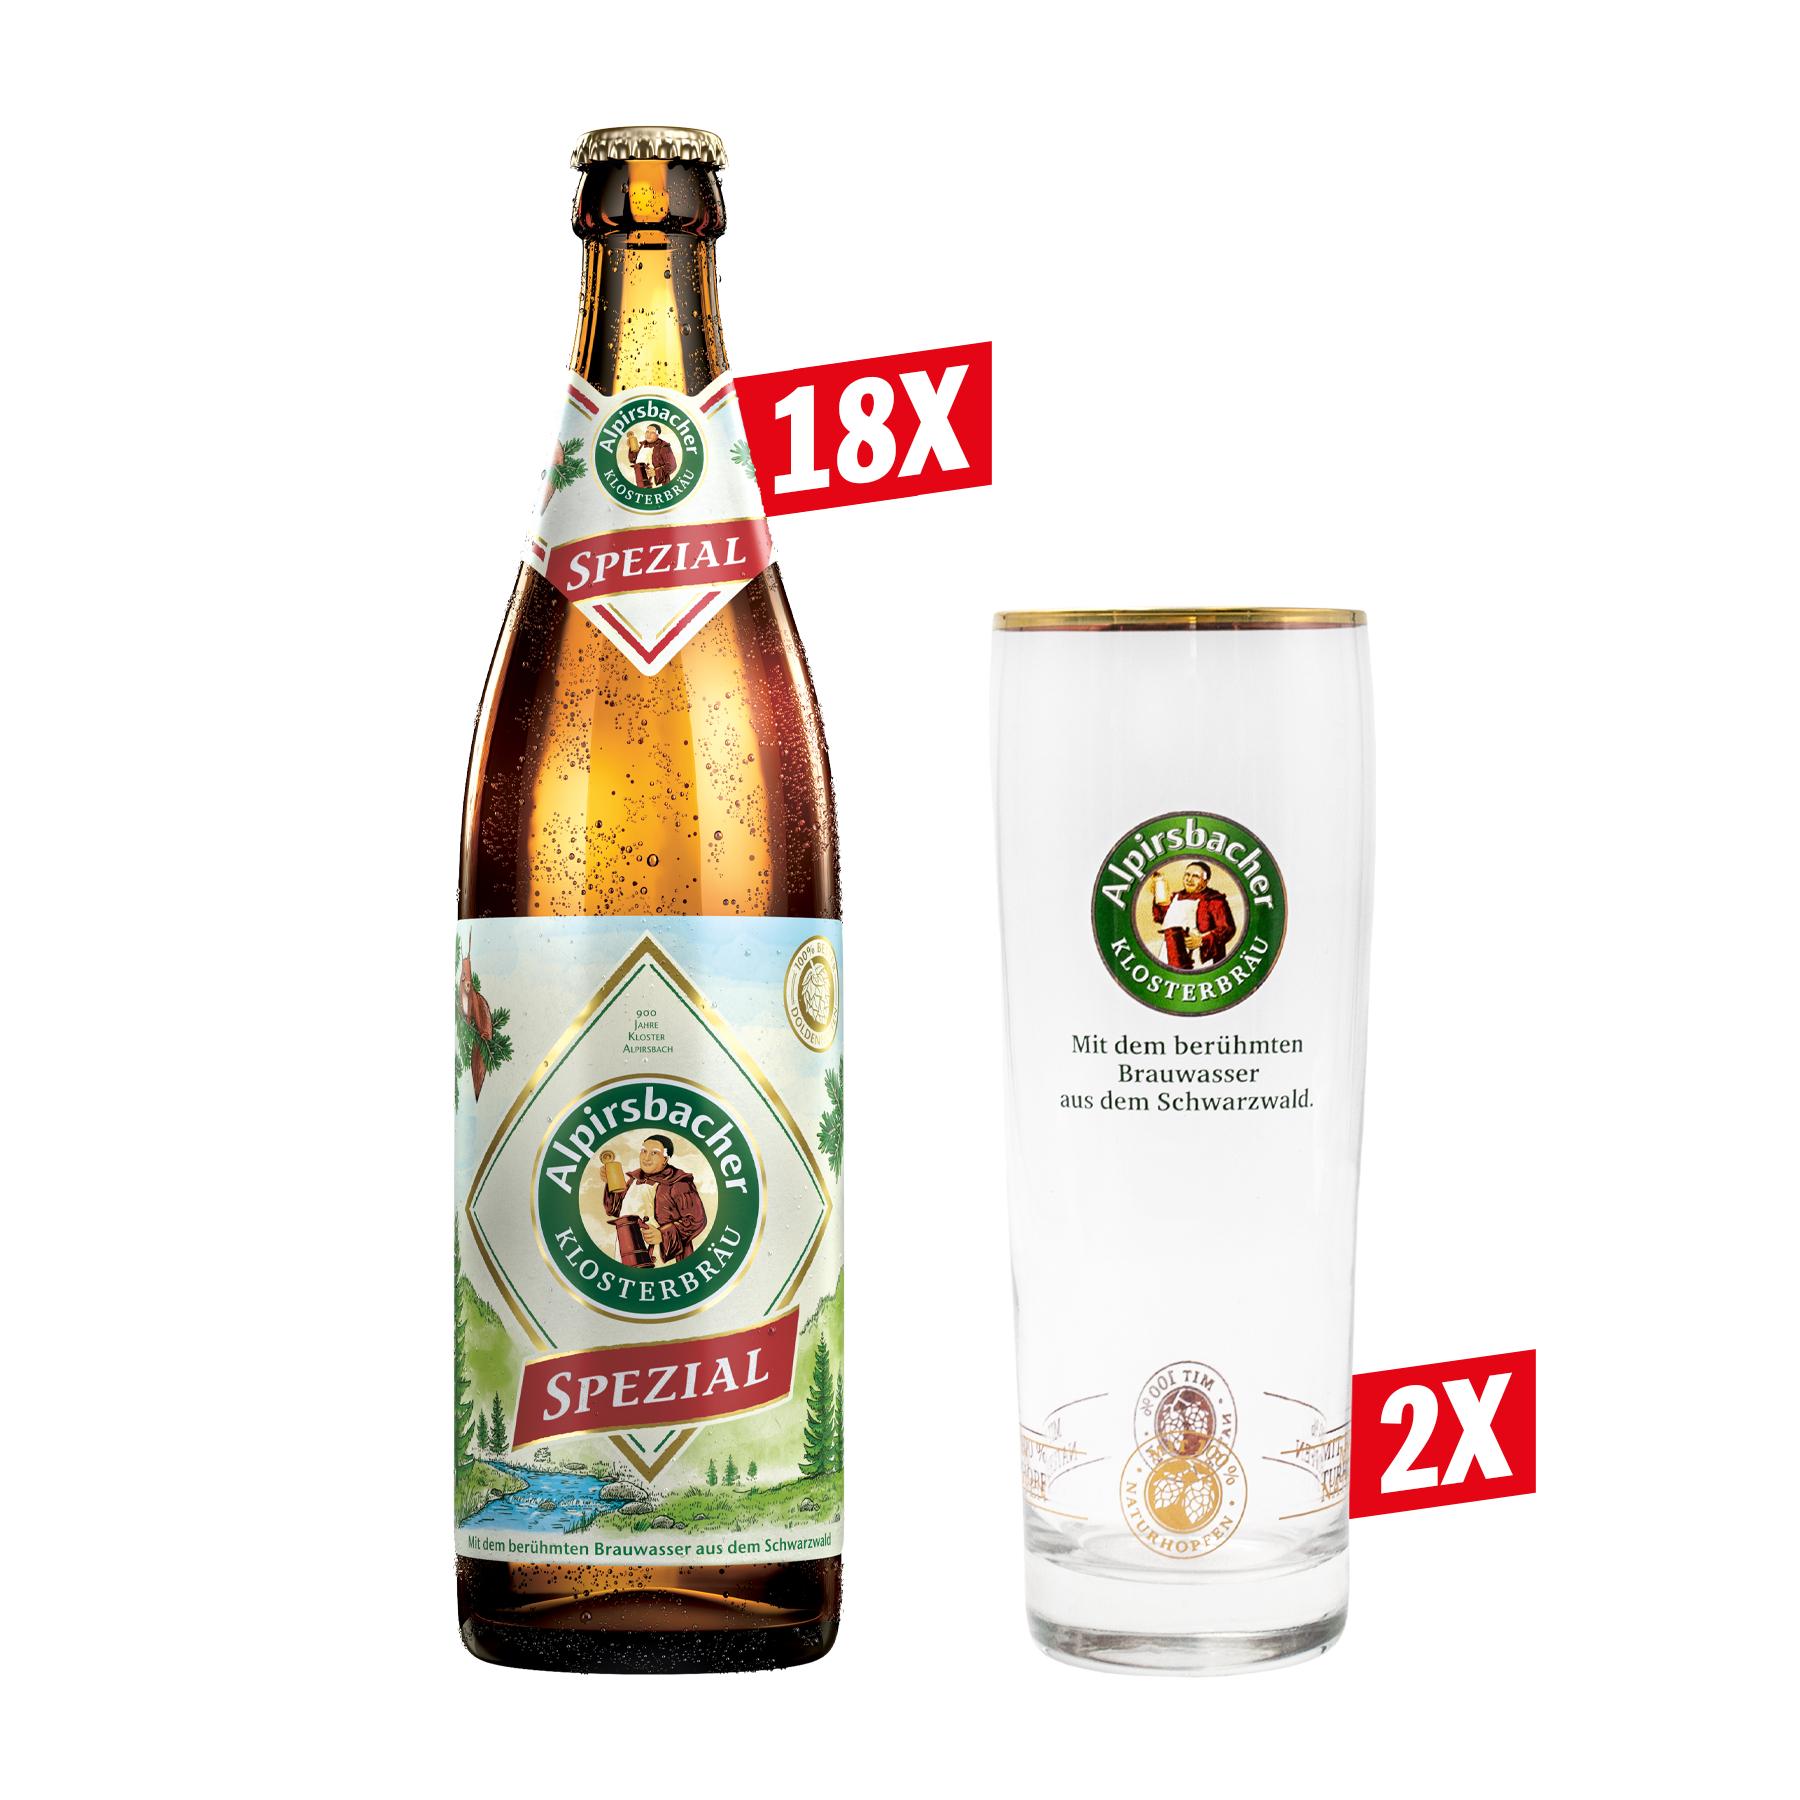 Tag des Bieres angemessen feiern: 9 Liter Alpirsbacher Spezial und zwei Gläser (1,61 €/Liter)